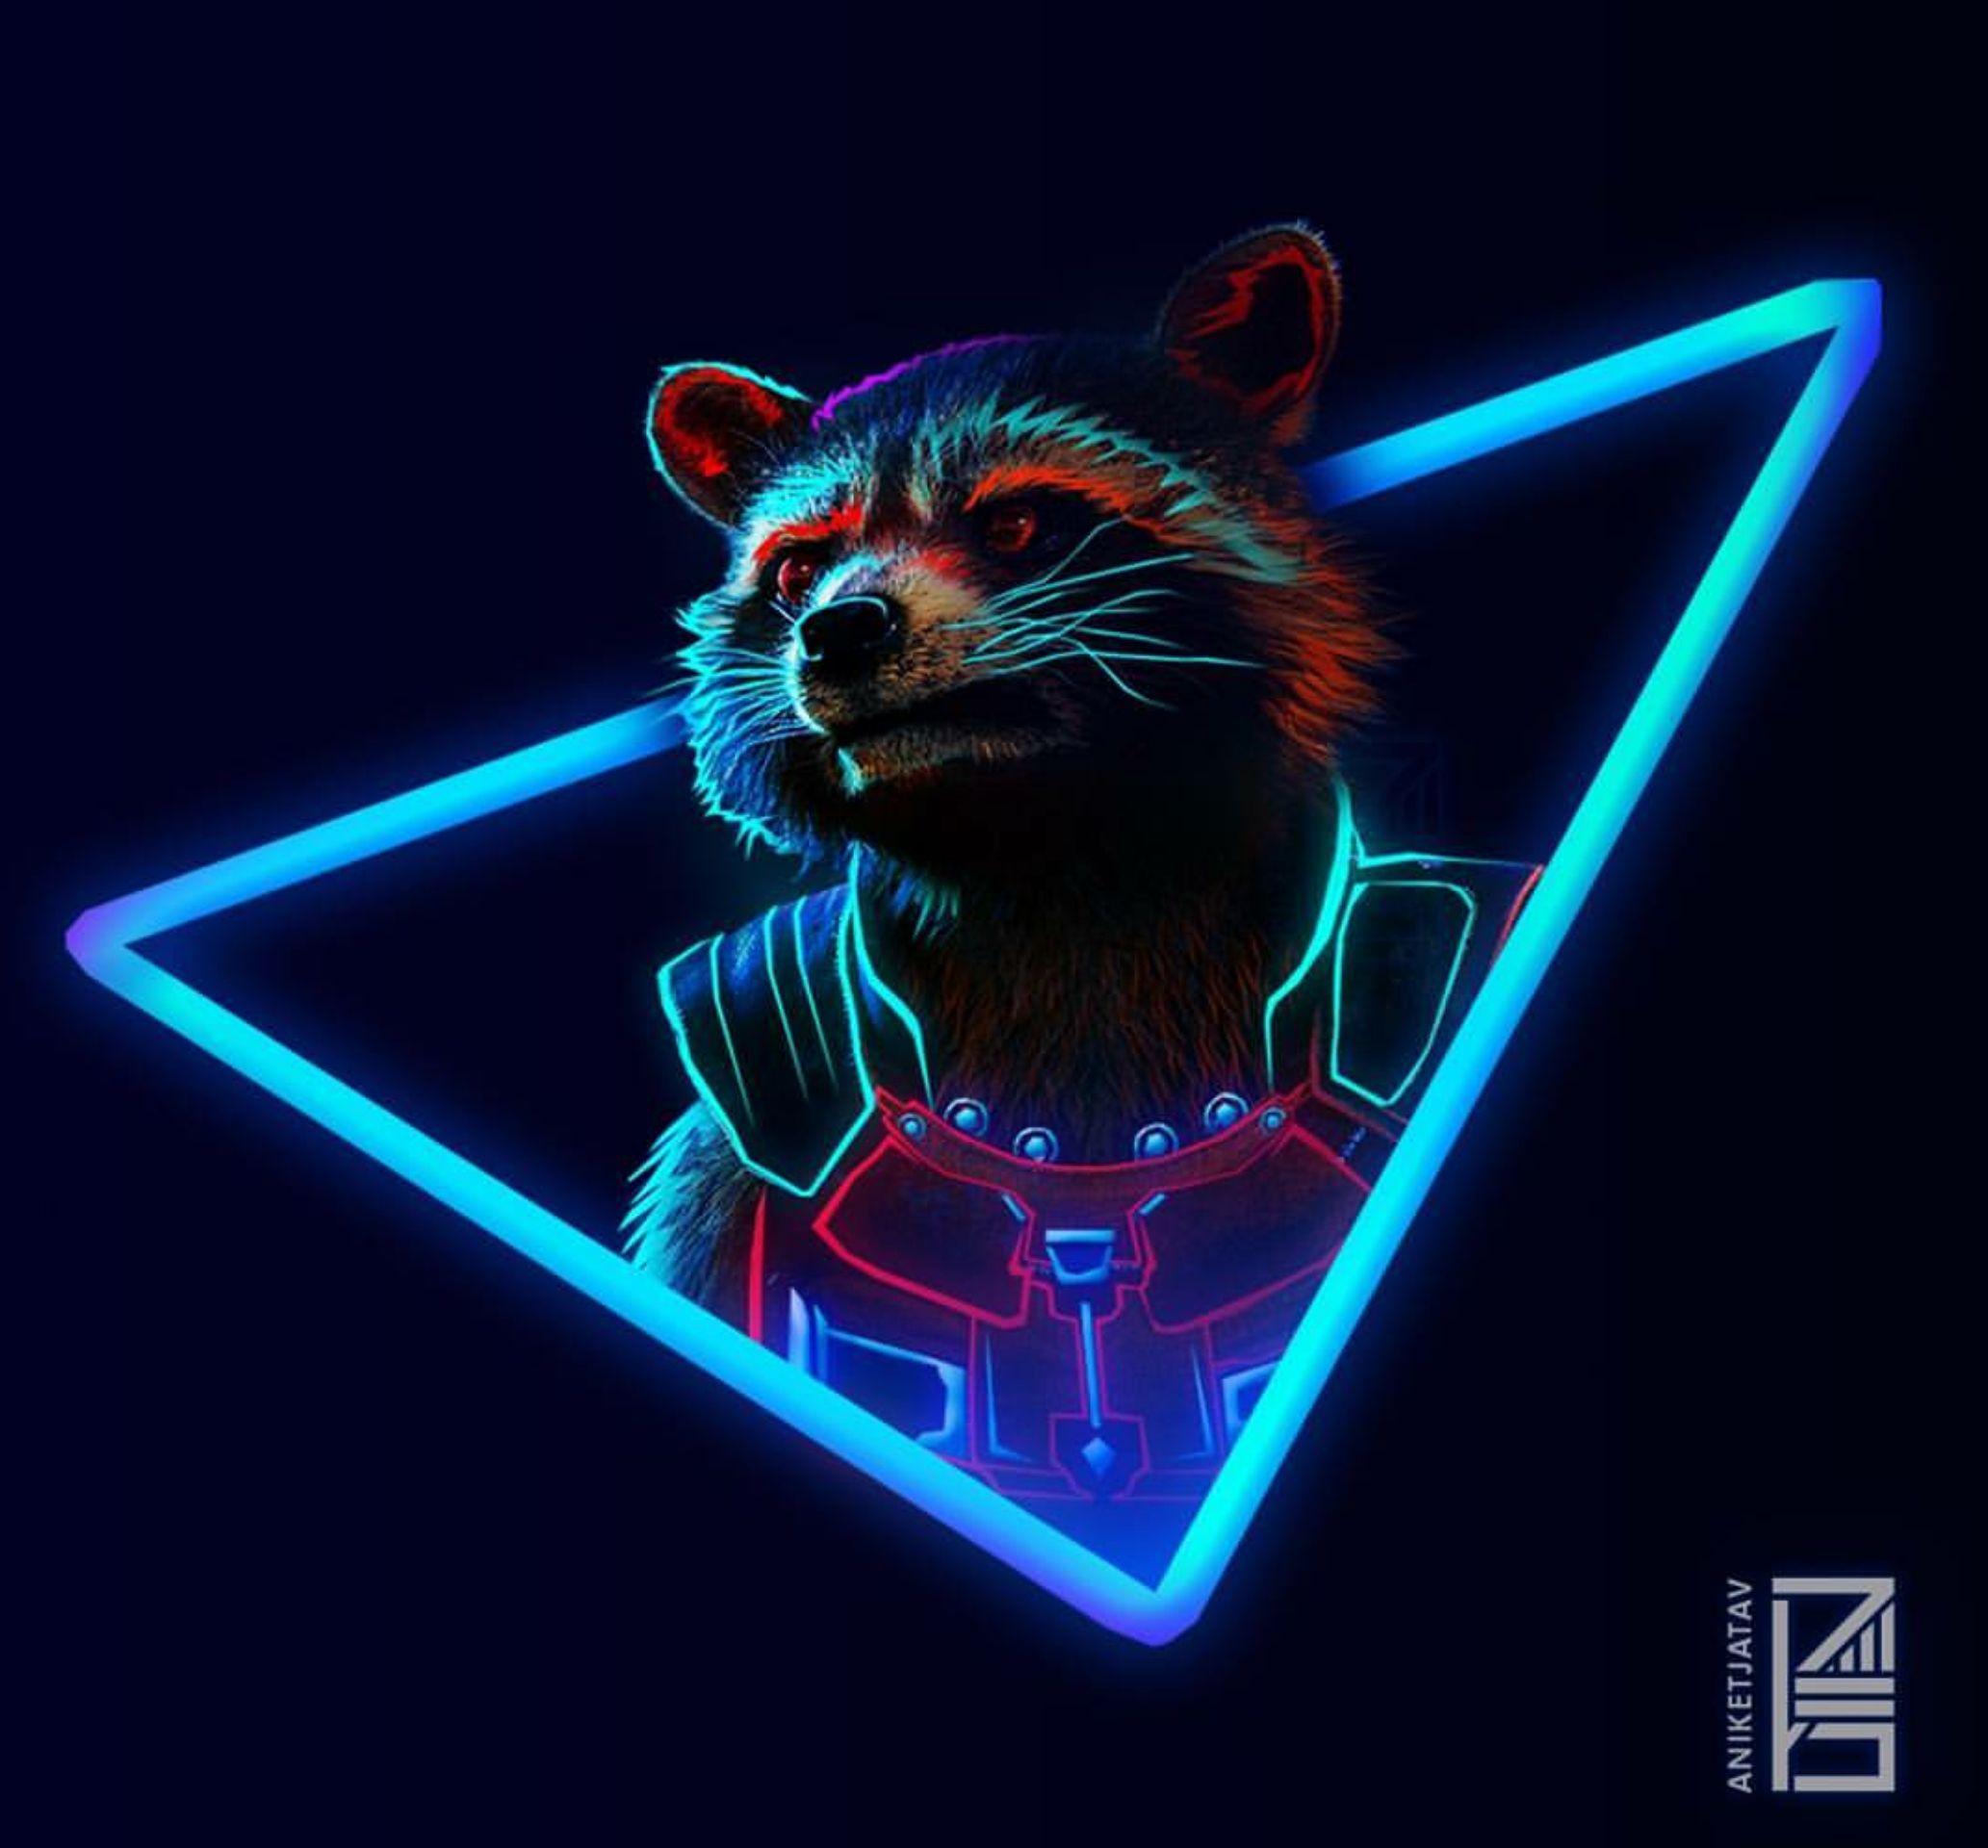 Neon Rocket (Made By @Aniketjatav)